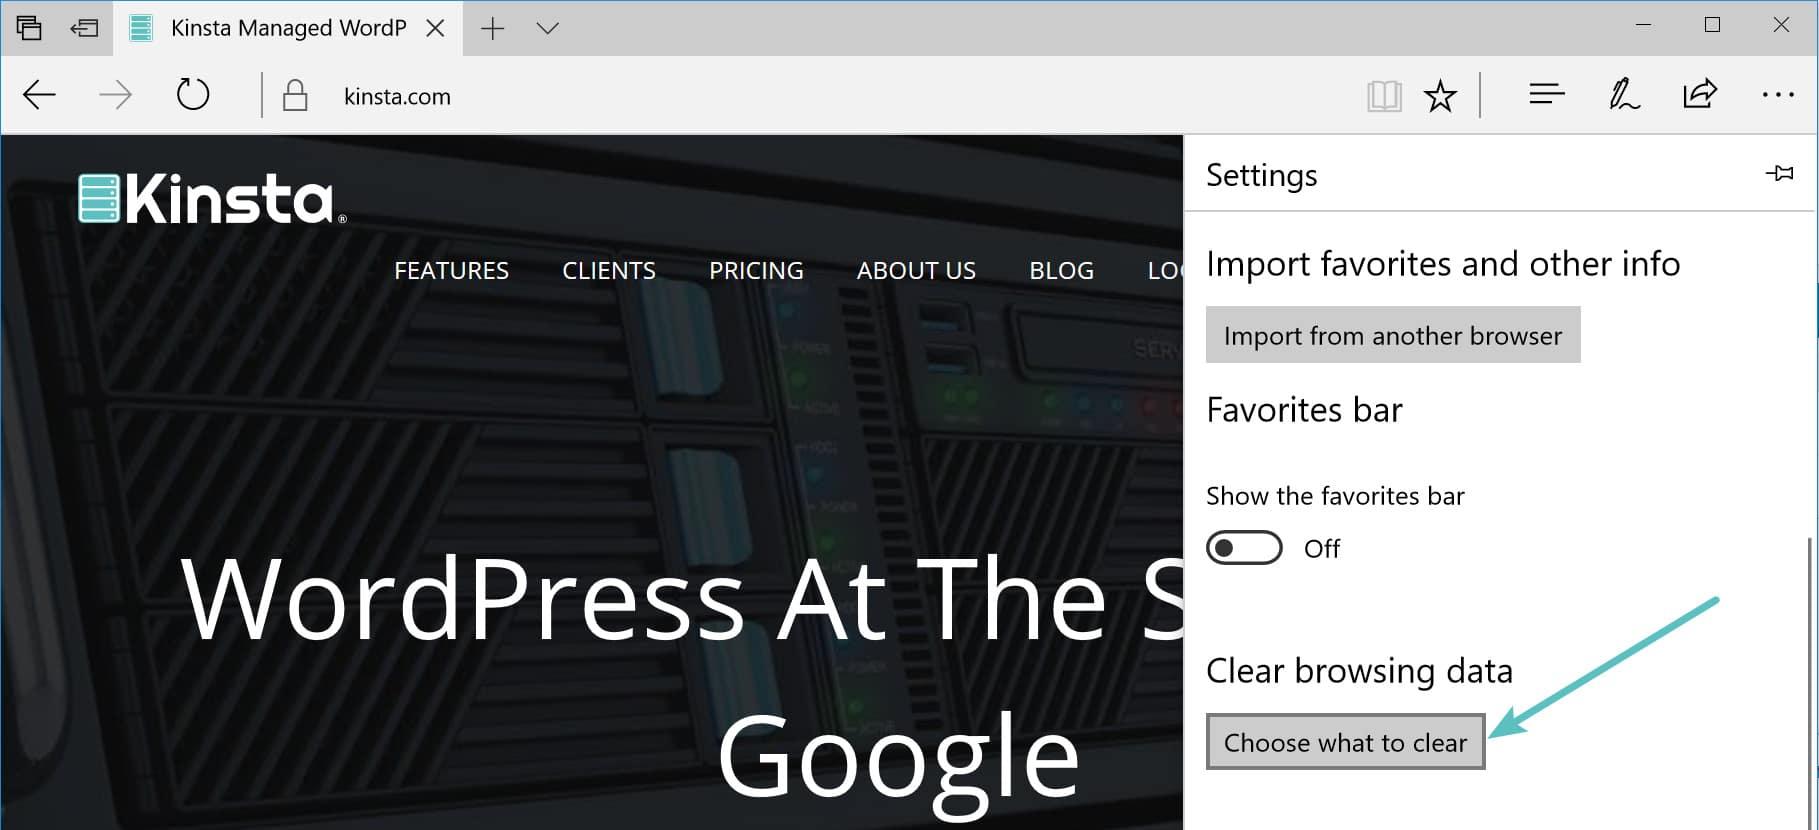 Scegli cosa eliminare in Microsoft Edge